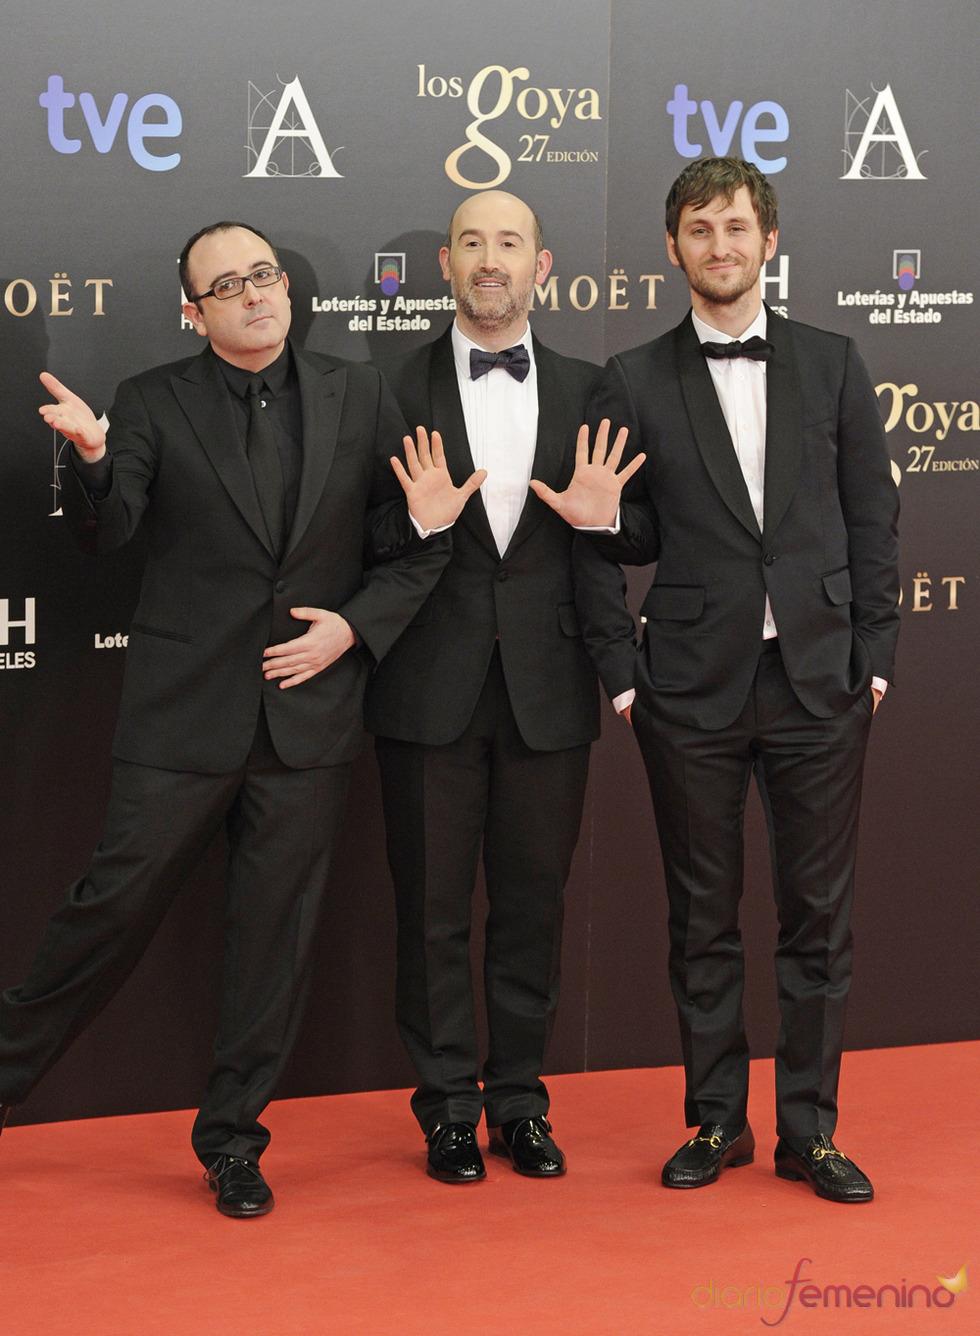 Carlos Areces, Javier Cámara y Raúl Arévalo en la alfombra roja de los Goya 2013